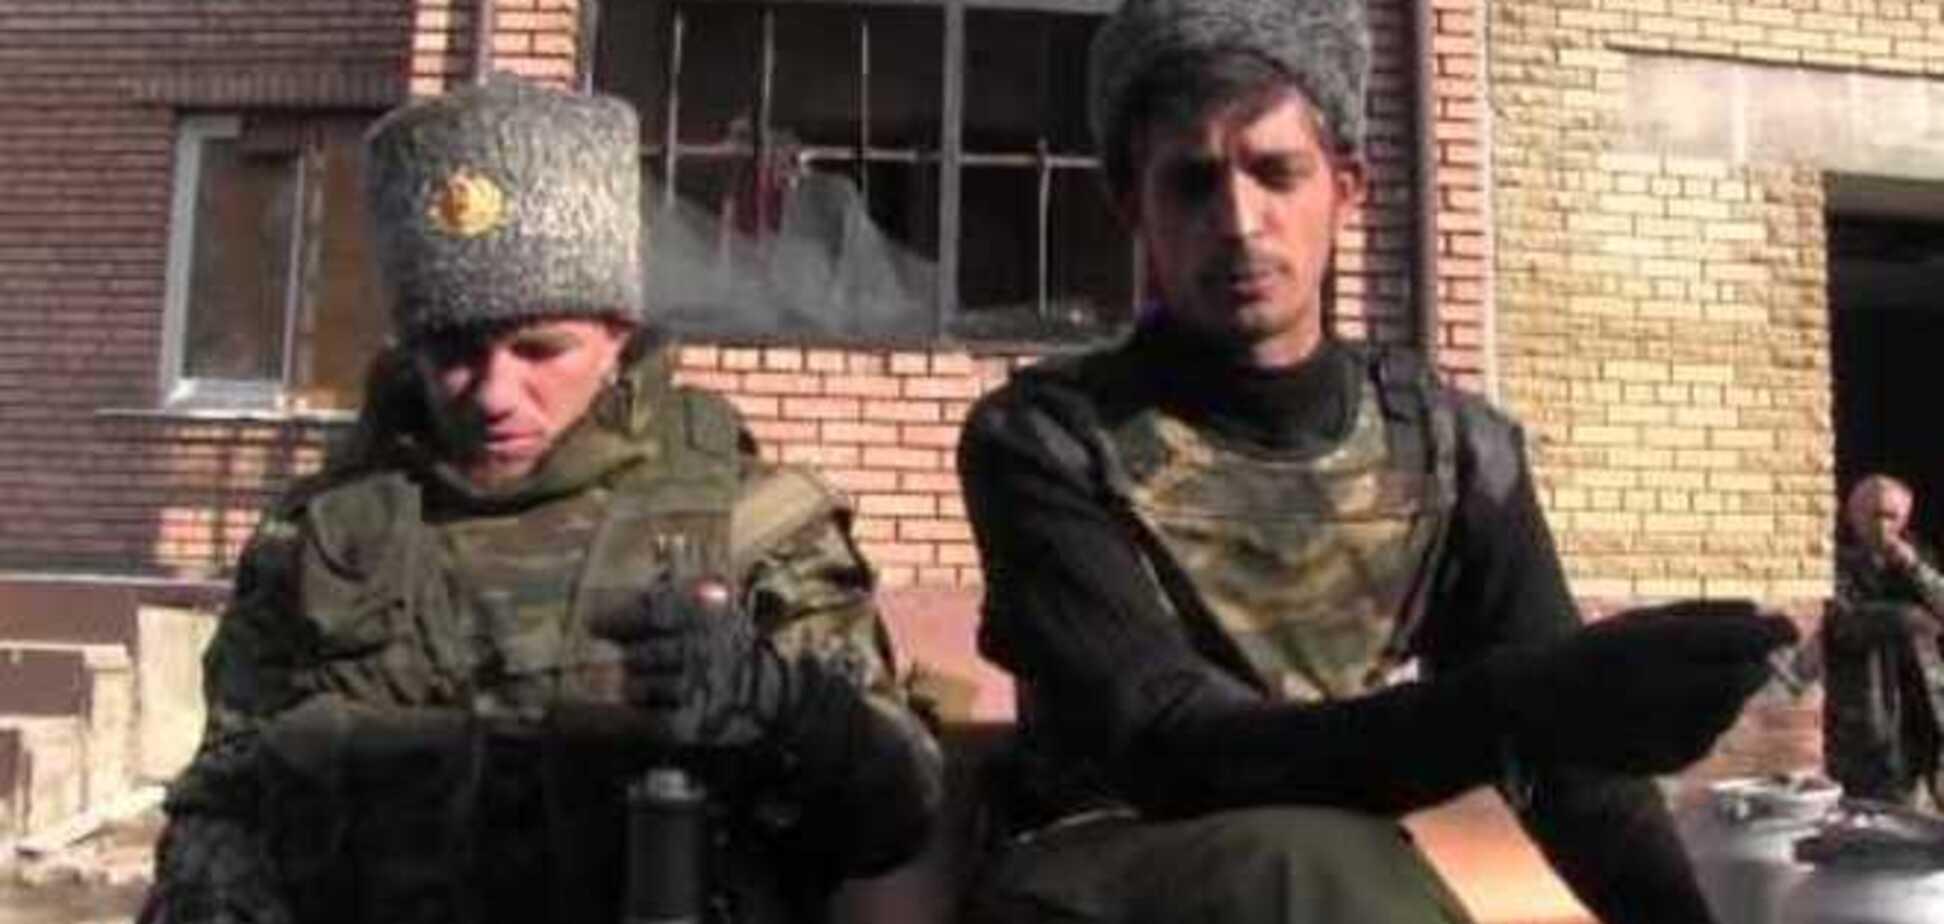 Терористи Моторола і Гіві не можуть взяти аеропорт і 'плюються отрутою' на 'кіборгів': опубліковано відео